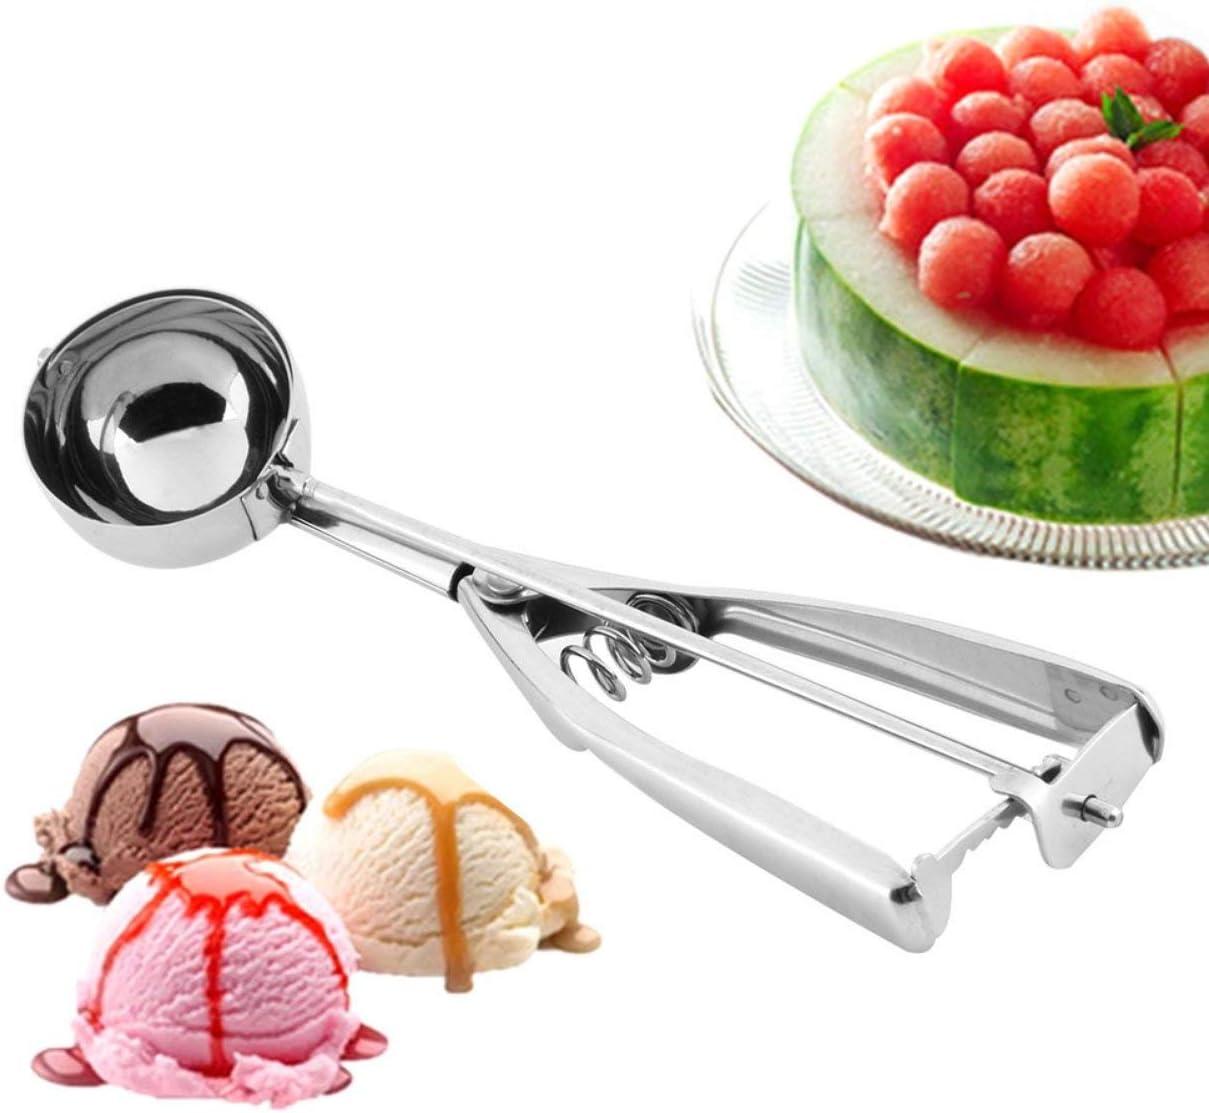 Ice Cream en acier inoxydable Scoop cuill/ère Biscuits P/âte Disher Mash Muffin cuill/ère Presse-pur/ée poign/ée utile Outils de cuisine